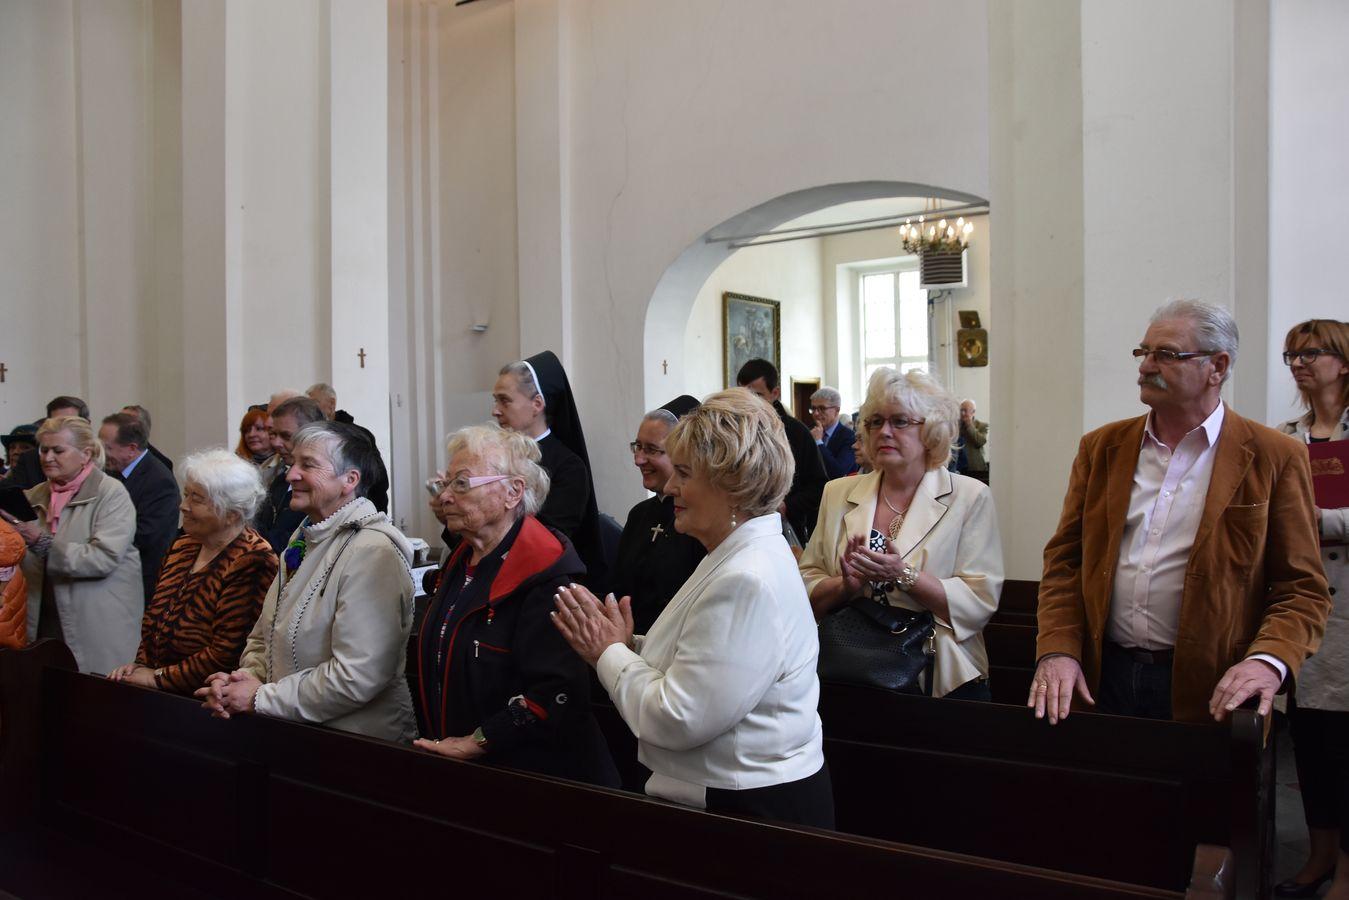 Msza św. w Kaplicy Królewskiej fot. J. Wikowski A31_7213